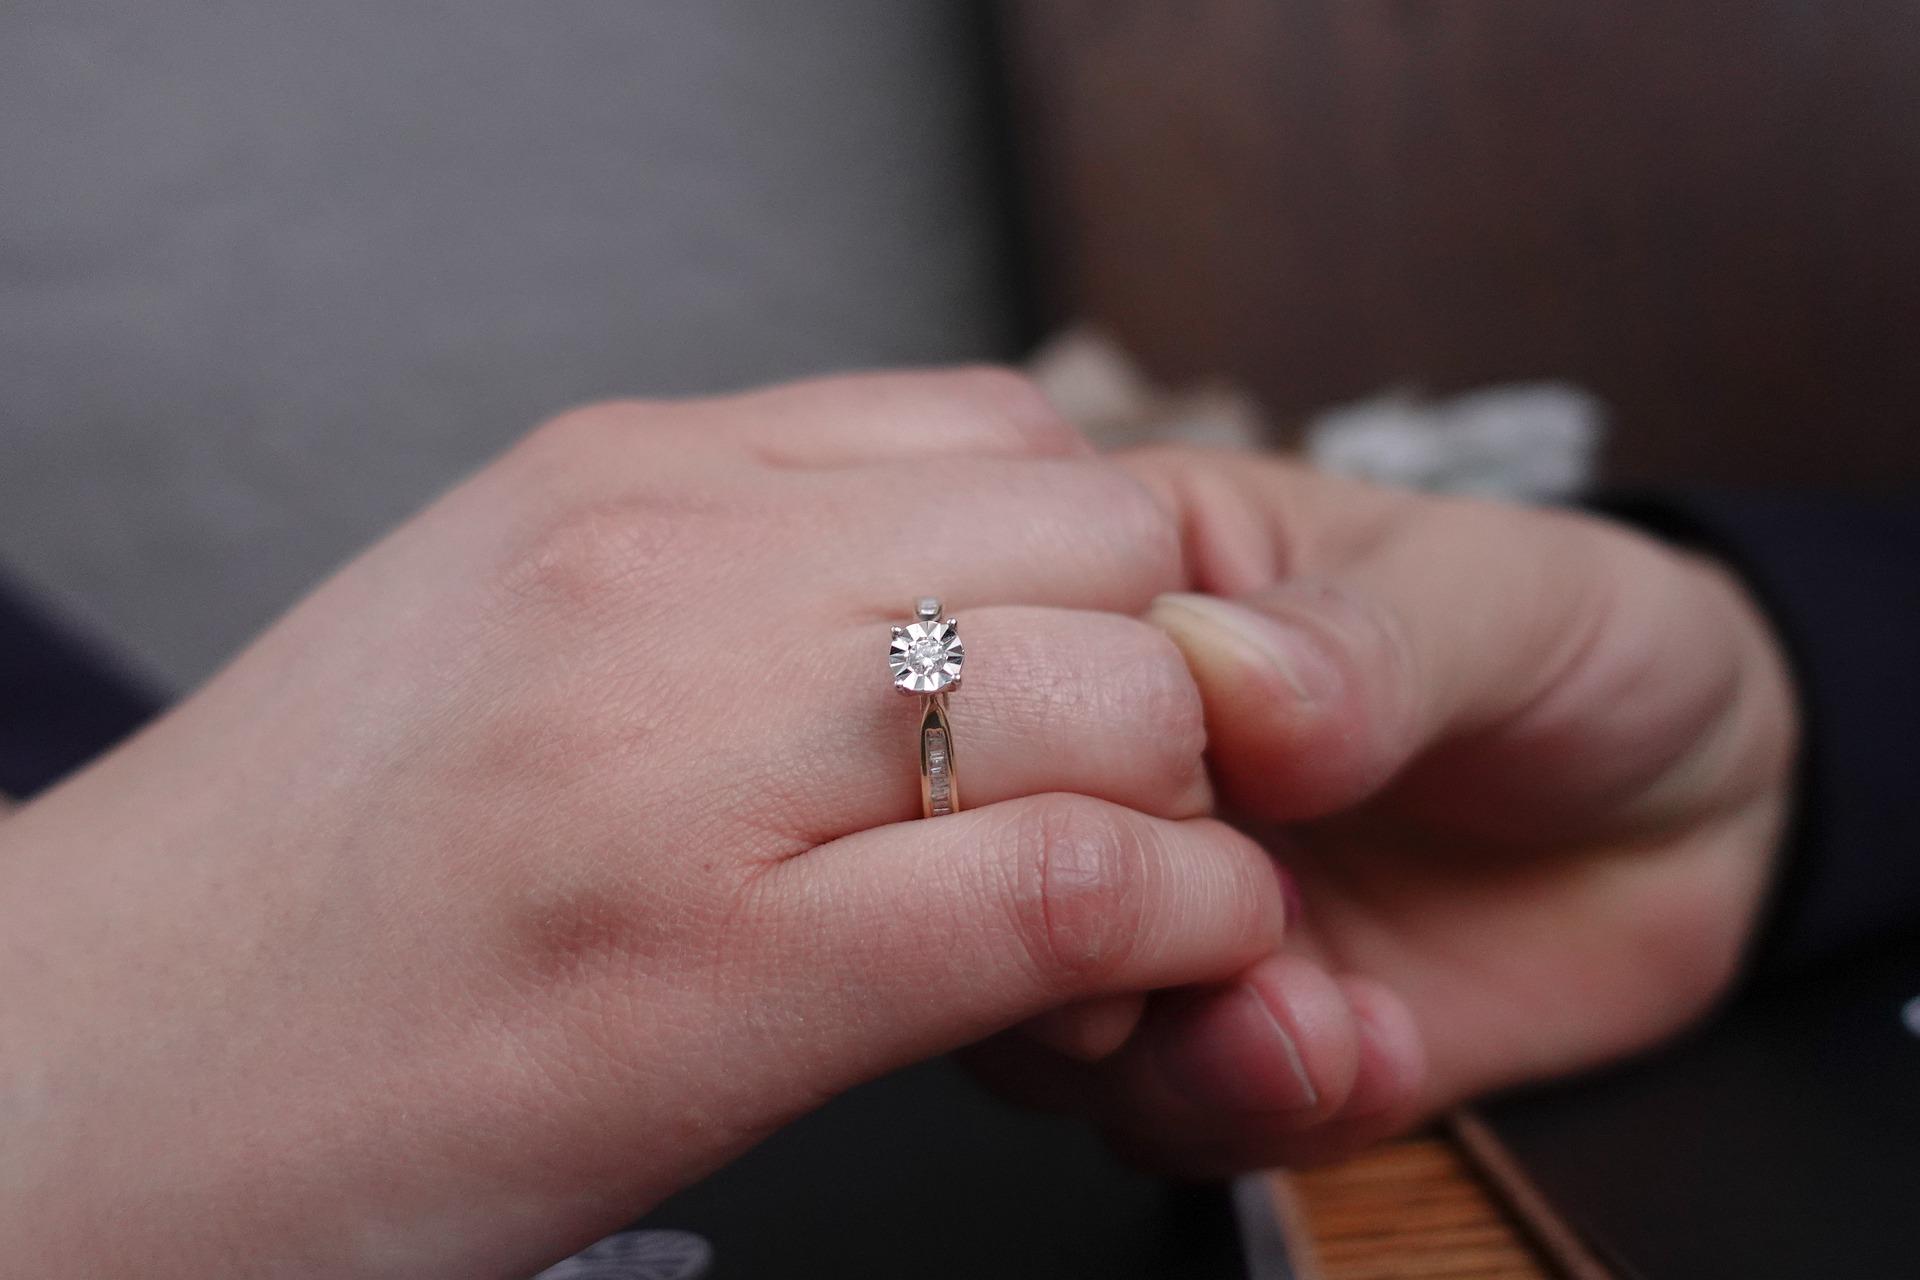 Ein Heiratsantrag am Valentinstag - Ideen und Gedanken zu einer Verlobung am Tag der Liebe. Bonus: 5 Tipps für den perfekten Heiratsantrag am Valentinstag.